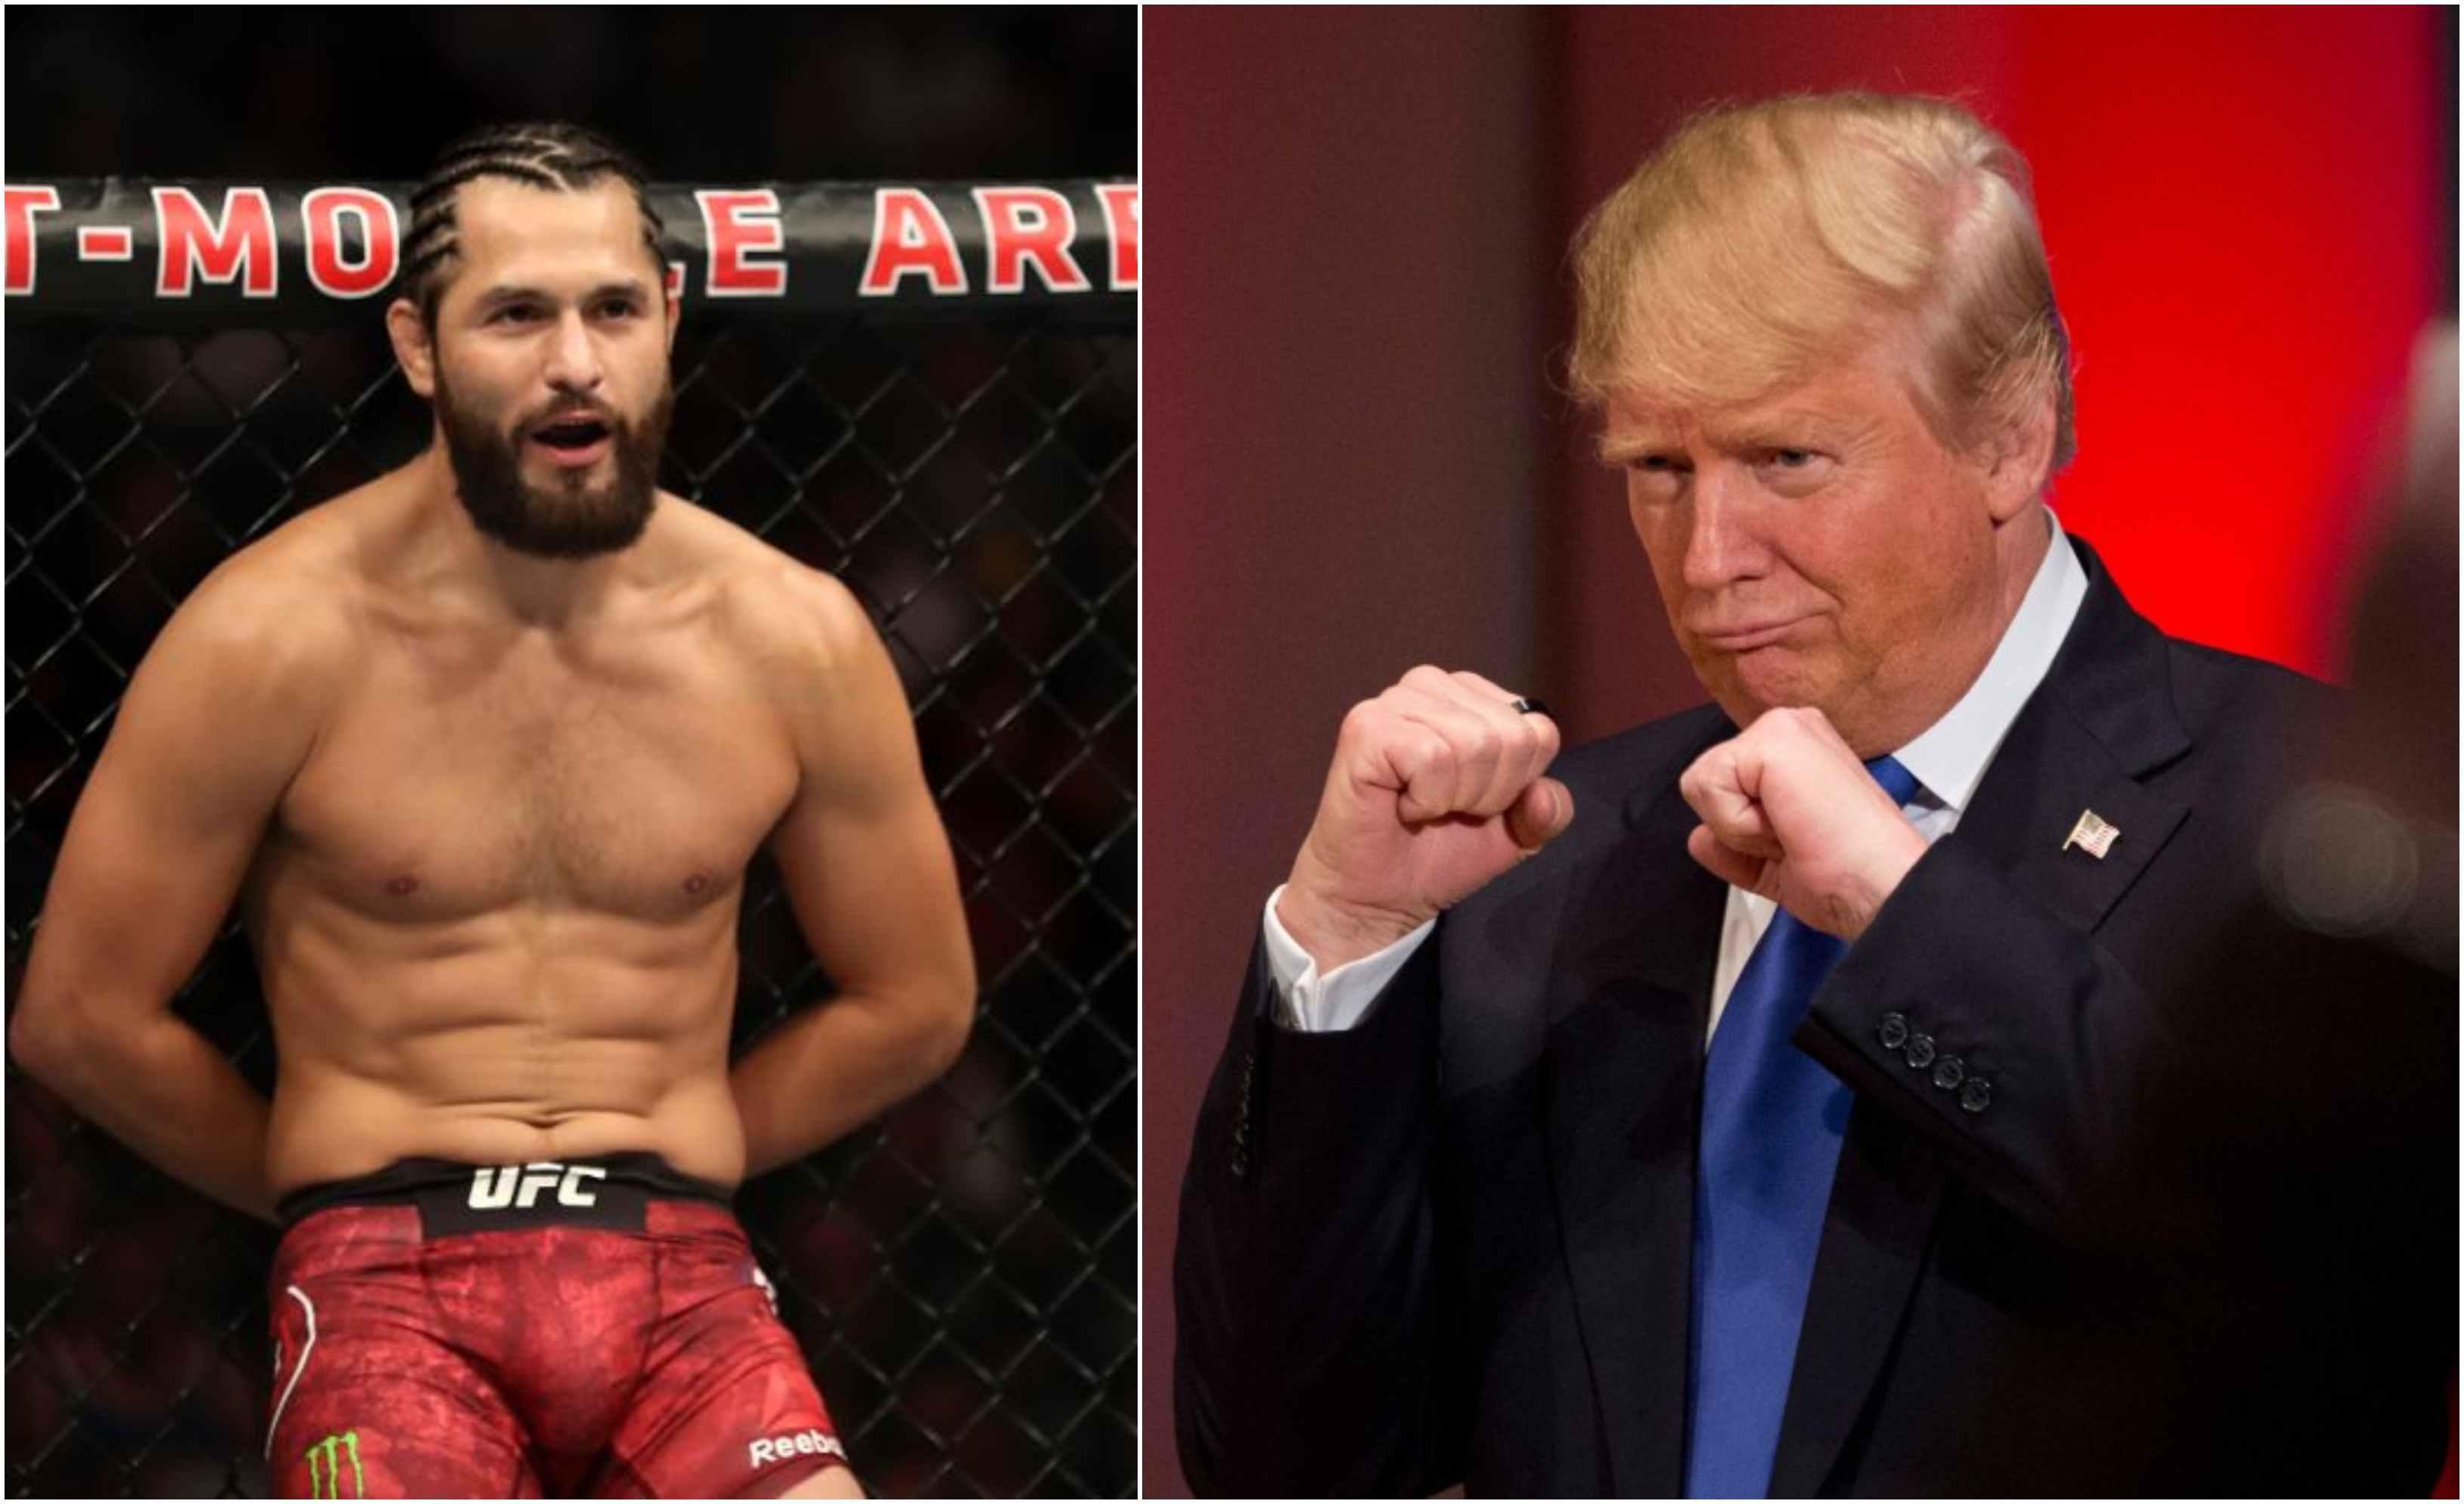 Jorge Masvidal praises Donald Trump, calls him a BMF - Jorge